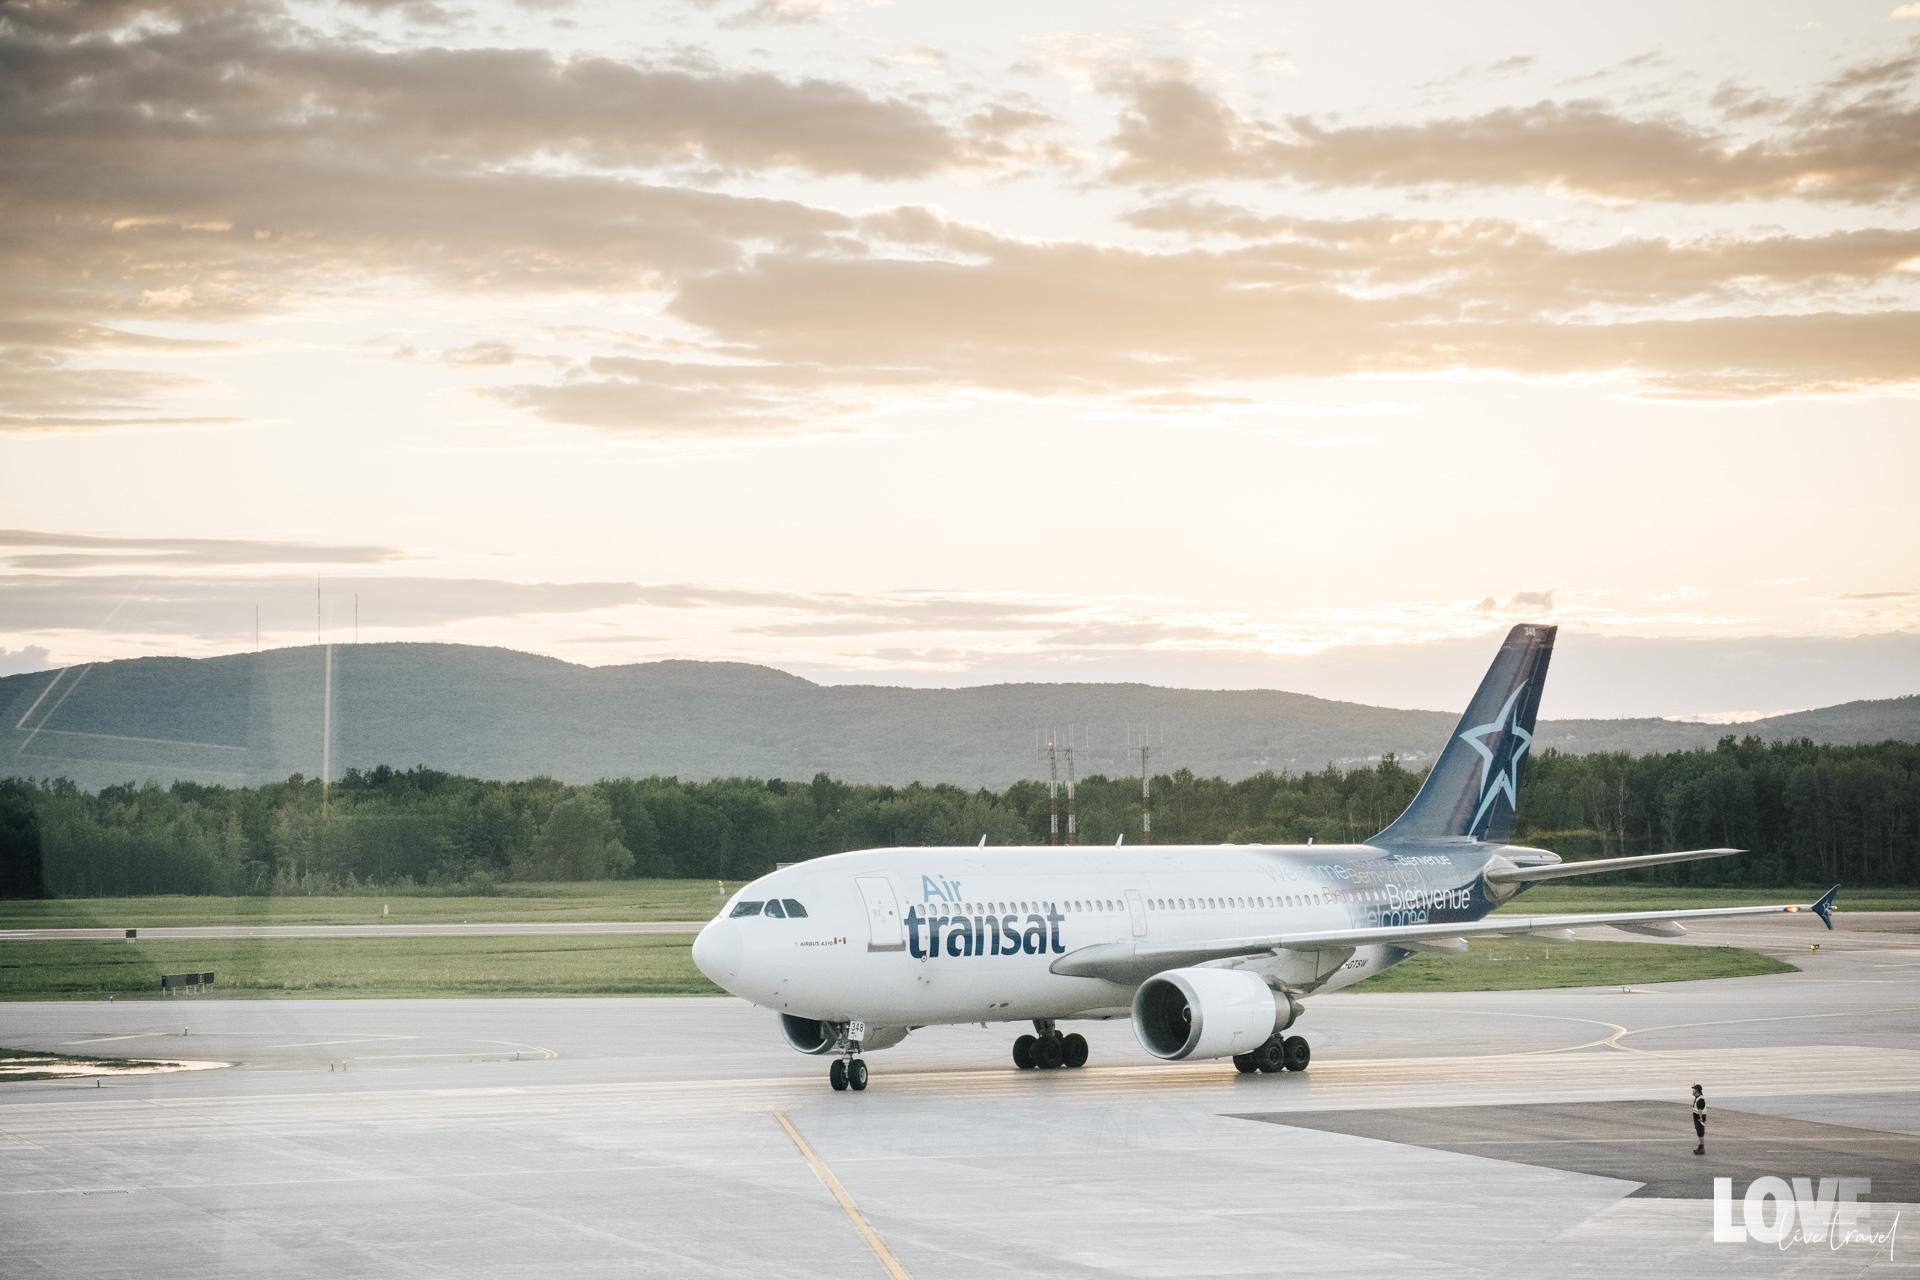 Se rendre au Québec avec Air Transat